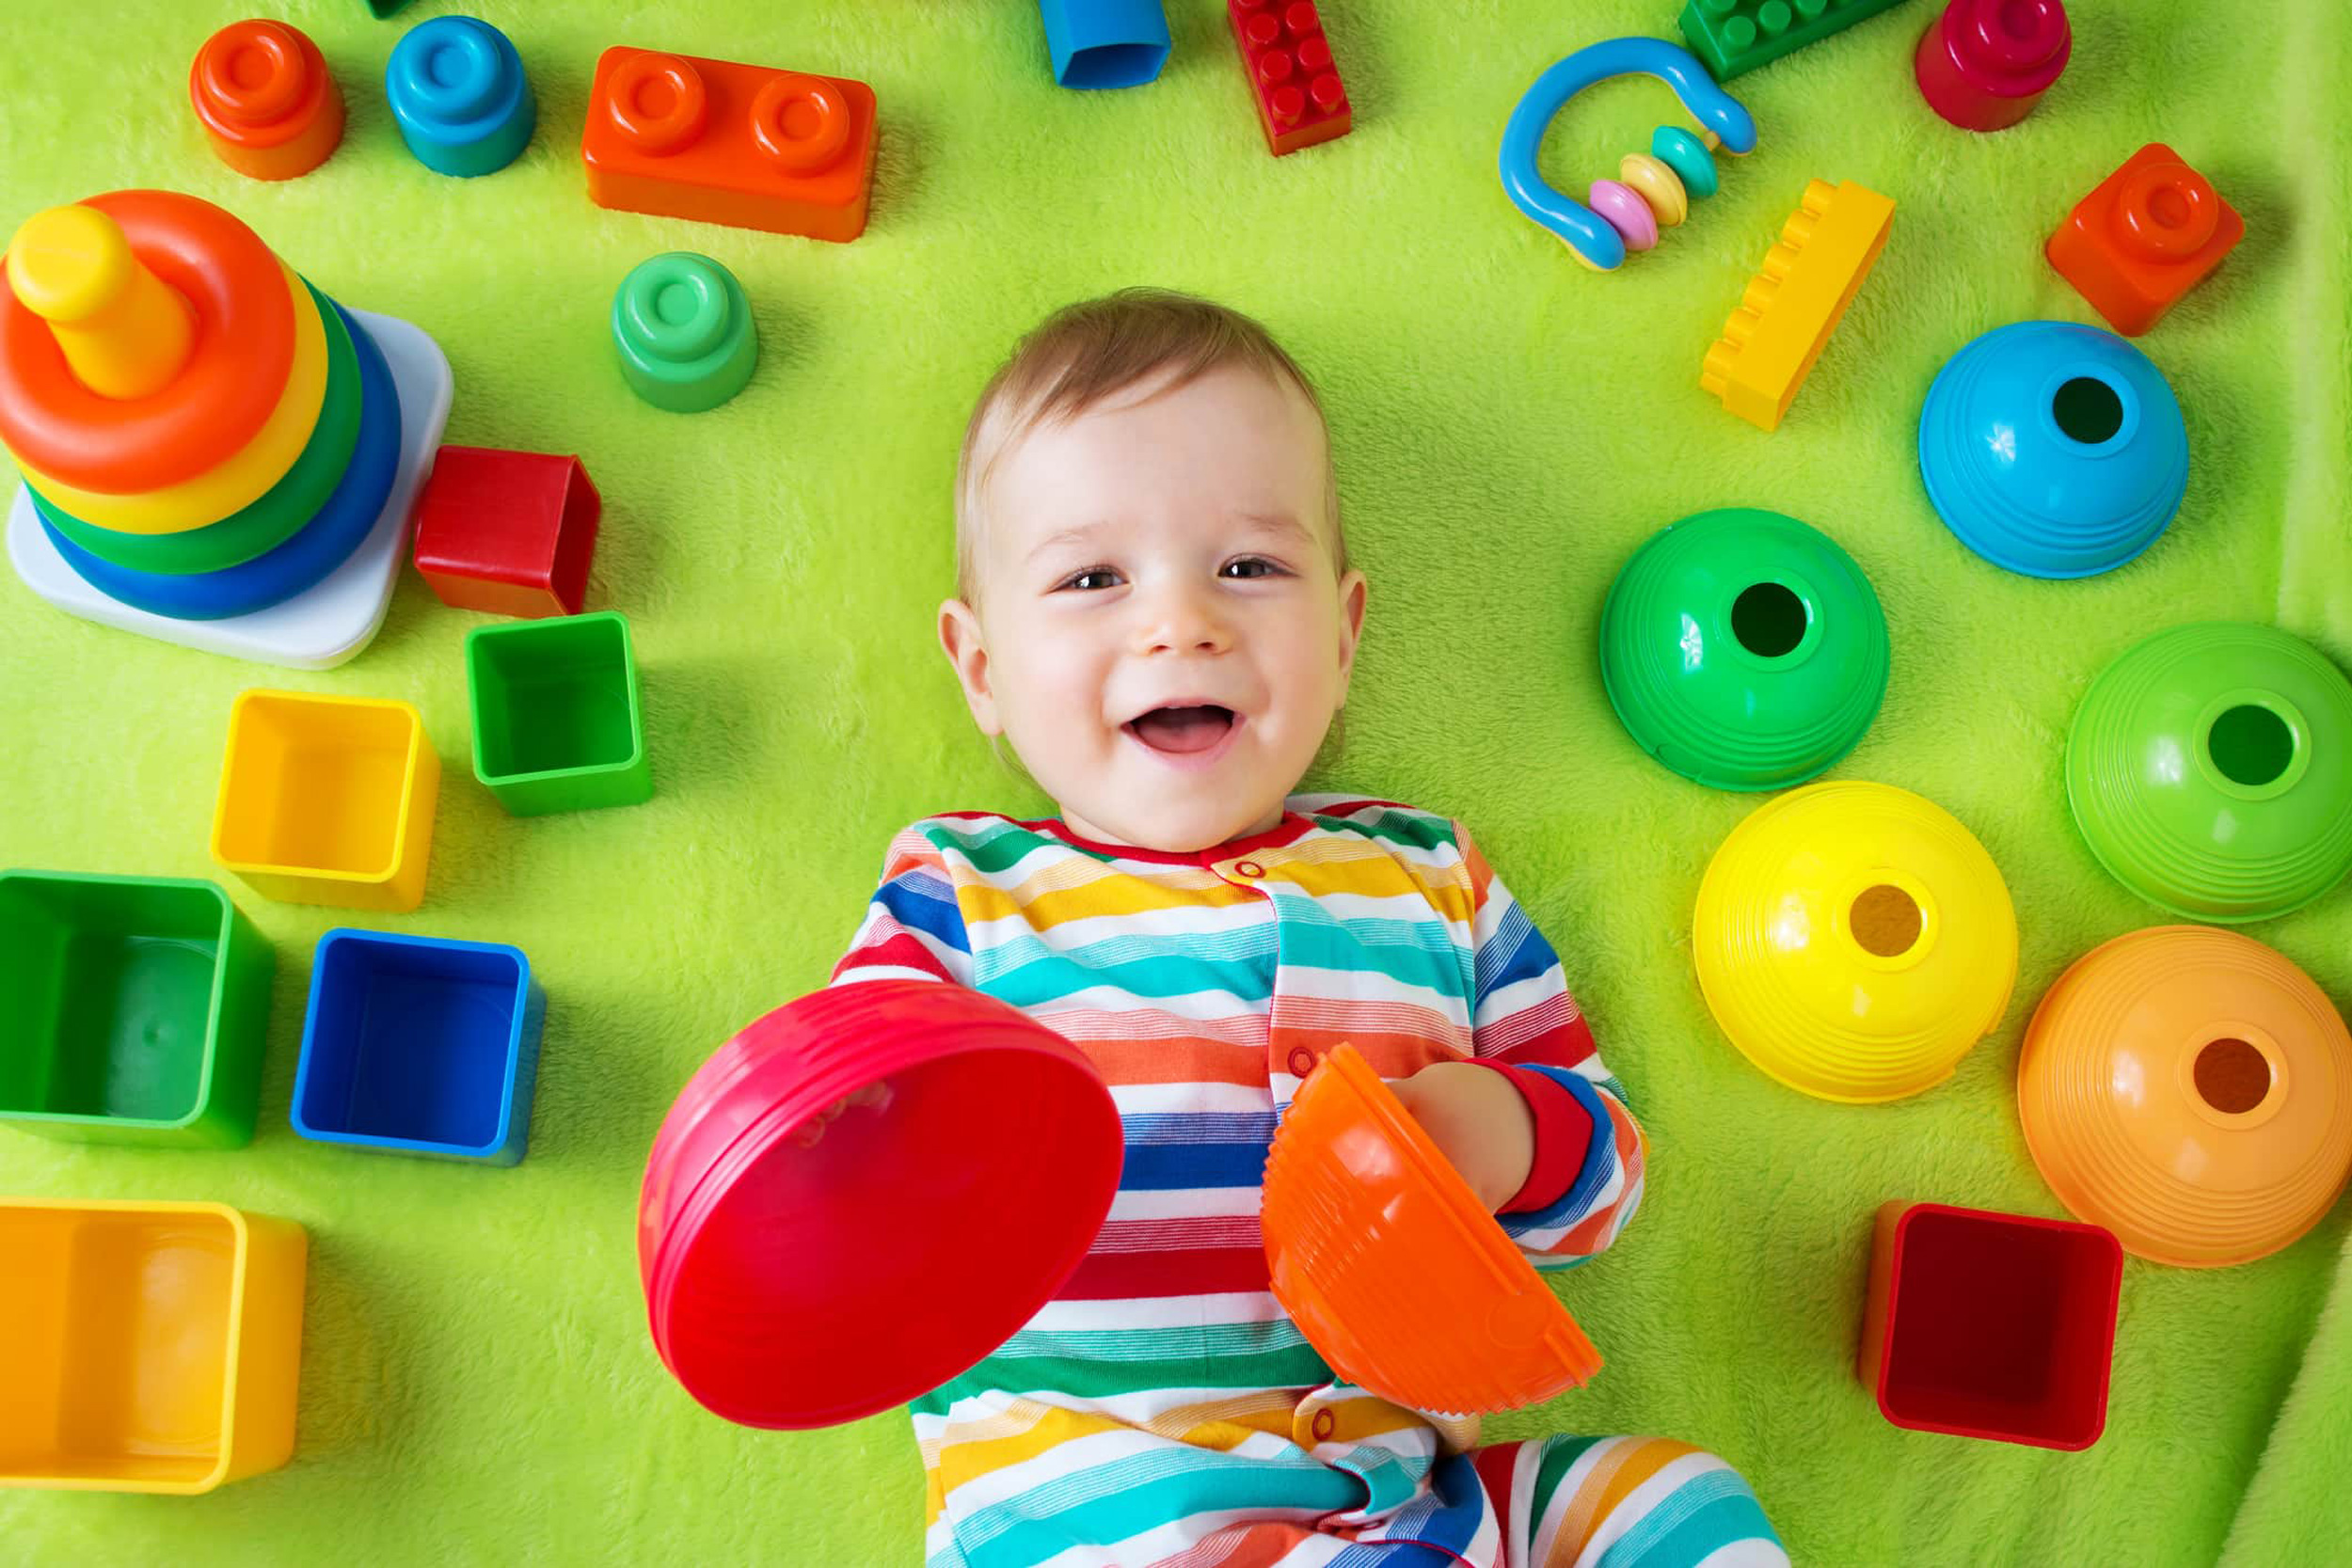 Малыш в окружении игрушек